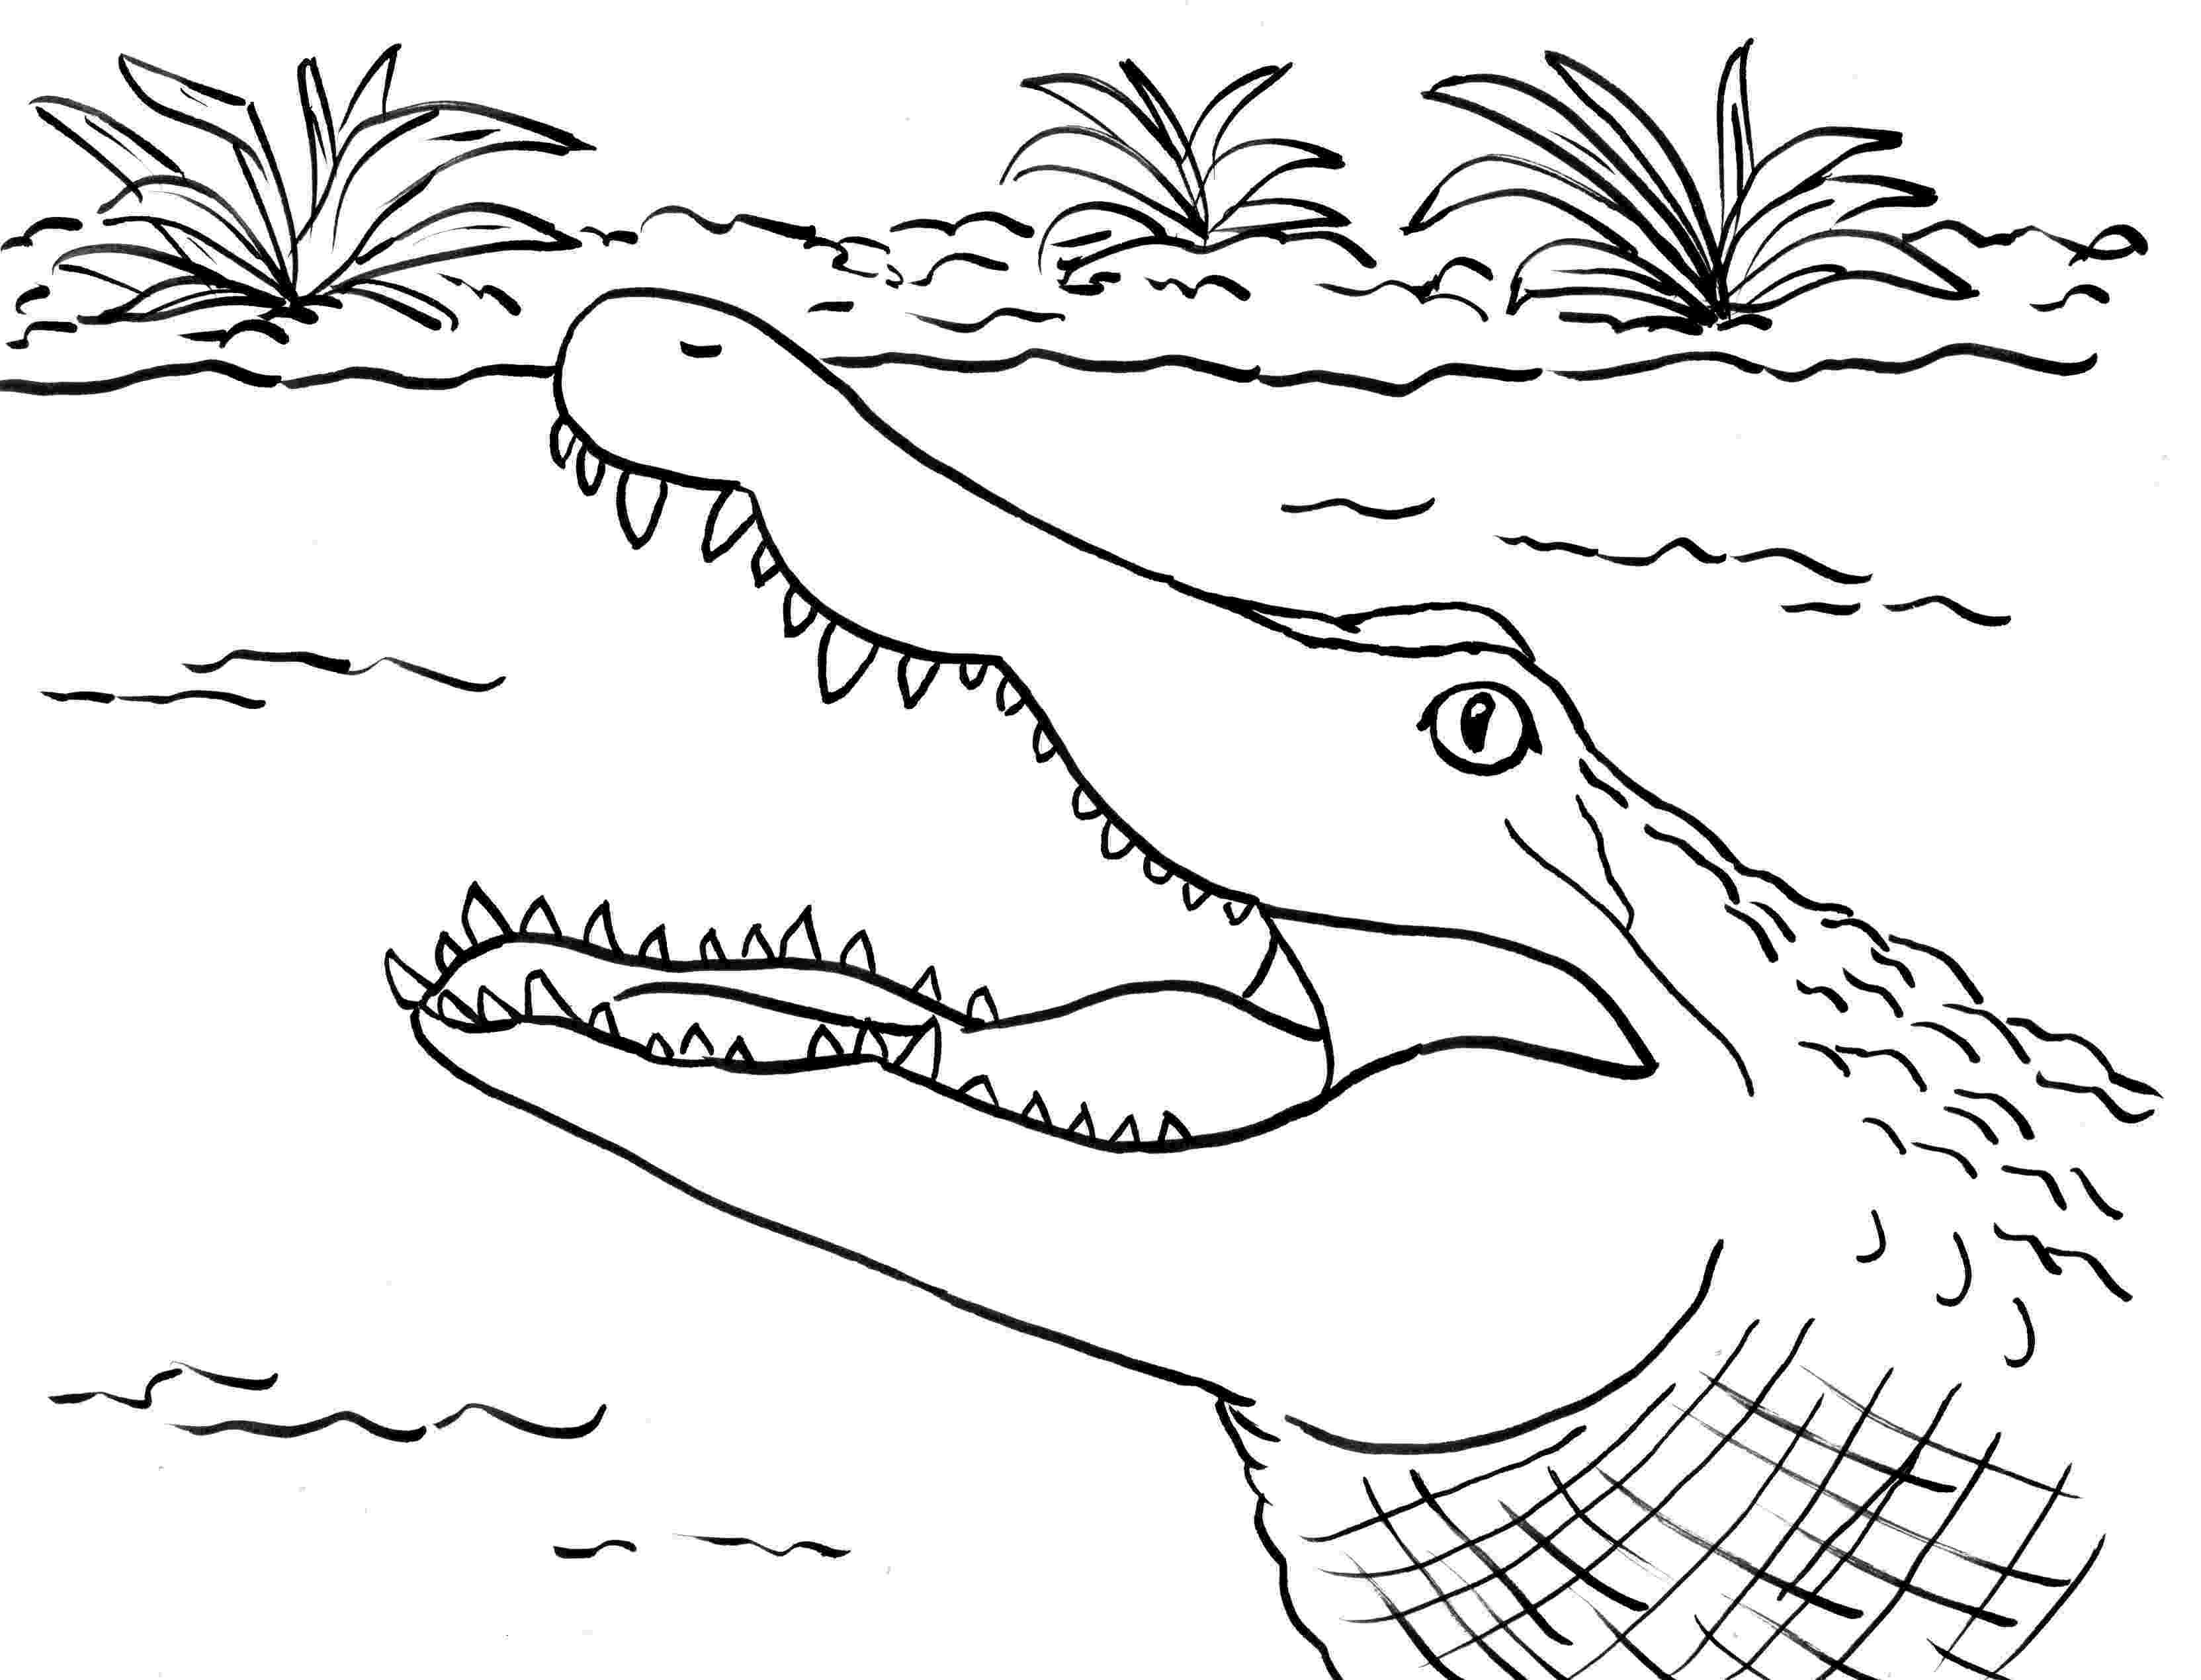 crocodile colouring page alligator coloring page samantha bell crocodile colouring page